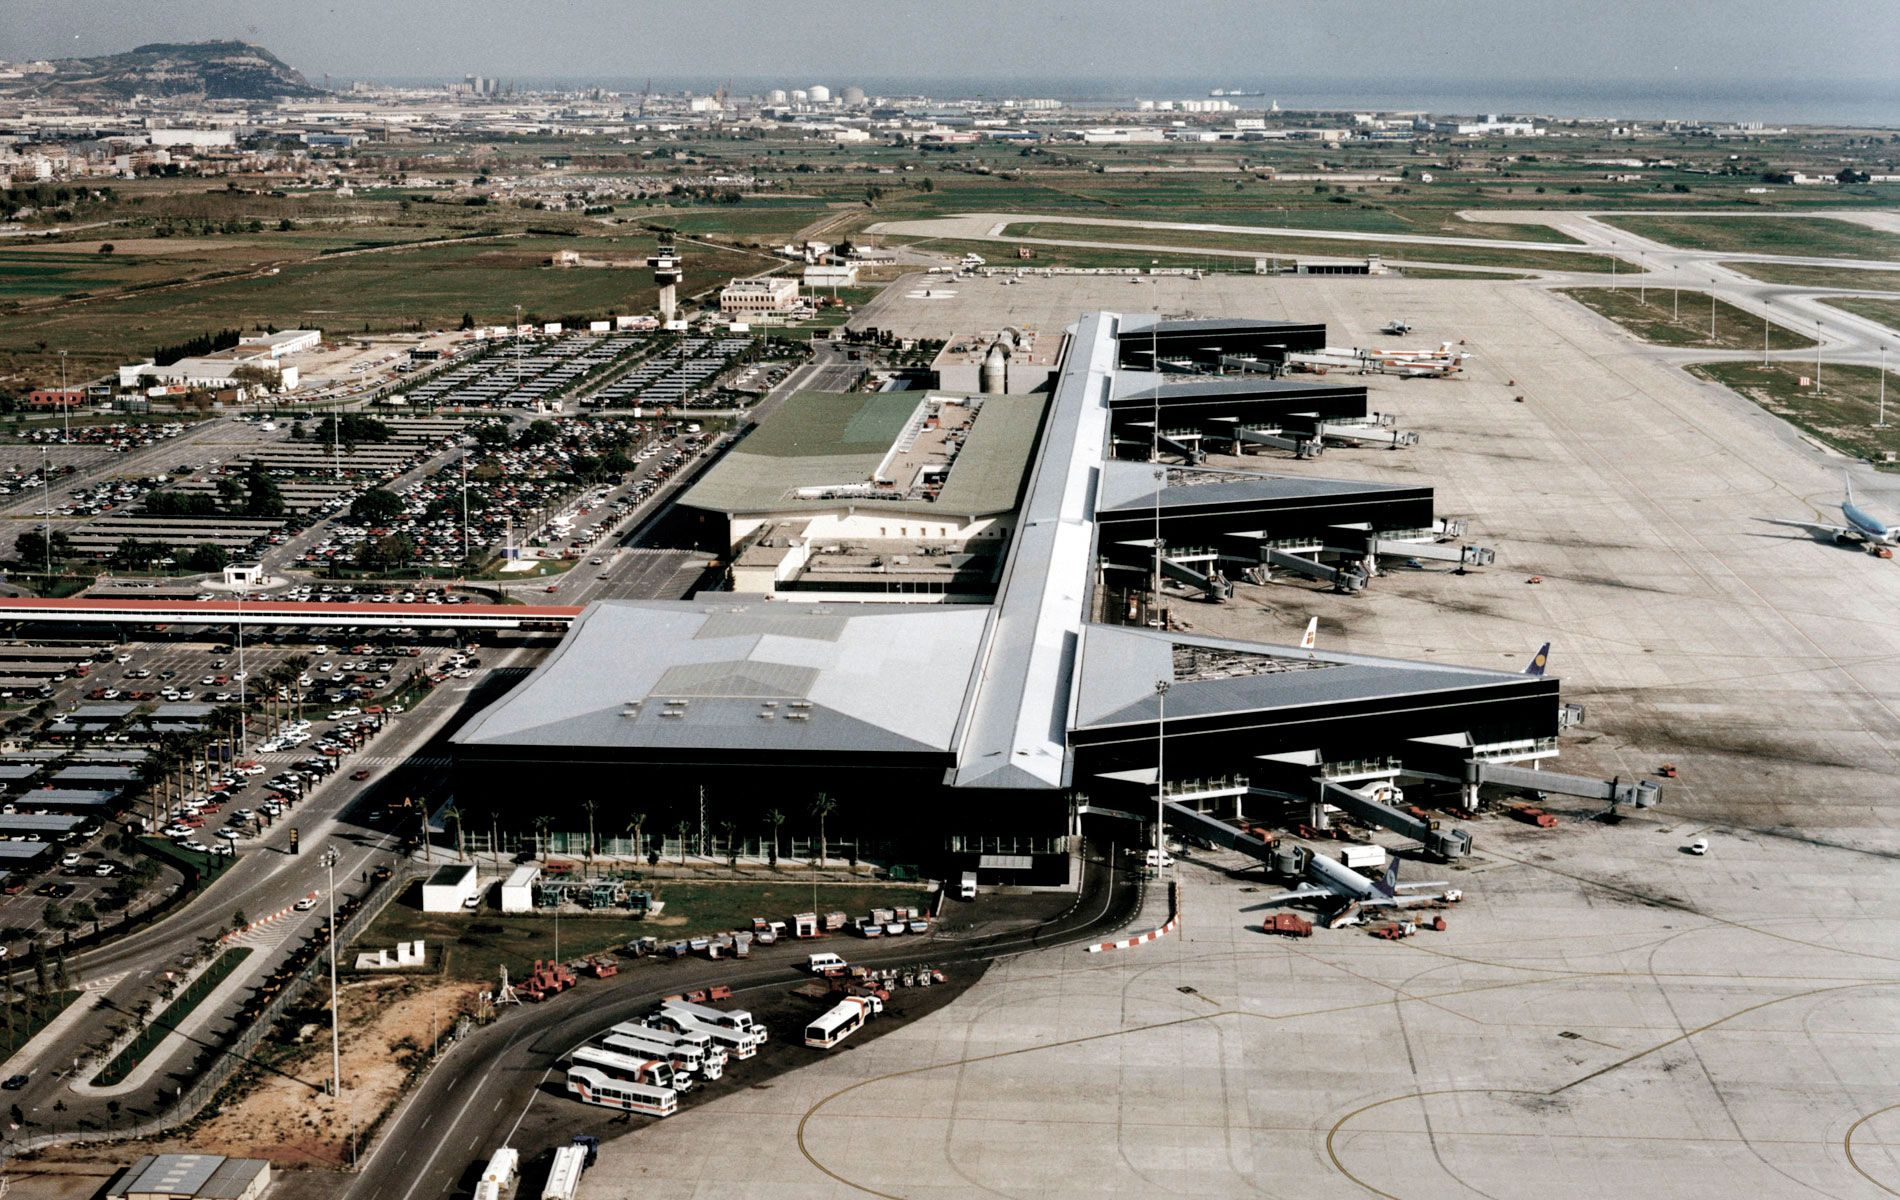 T2 Barcelona Airport - Ricardo Bofill Taller de Arquitectura